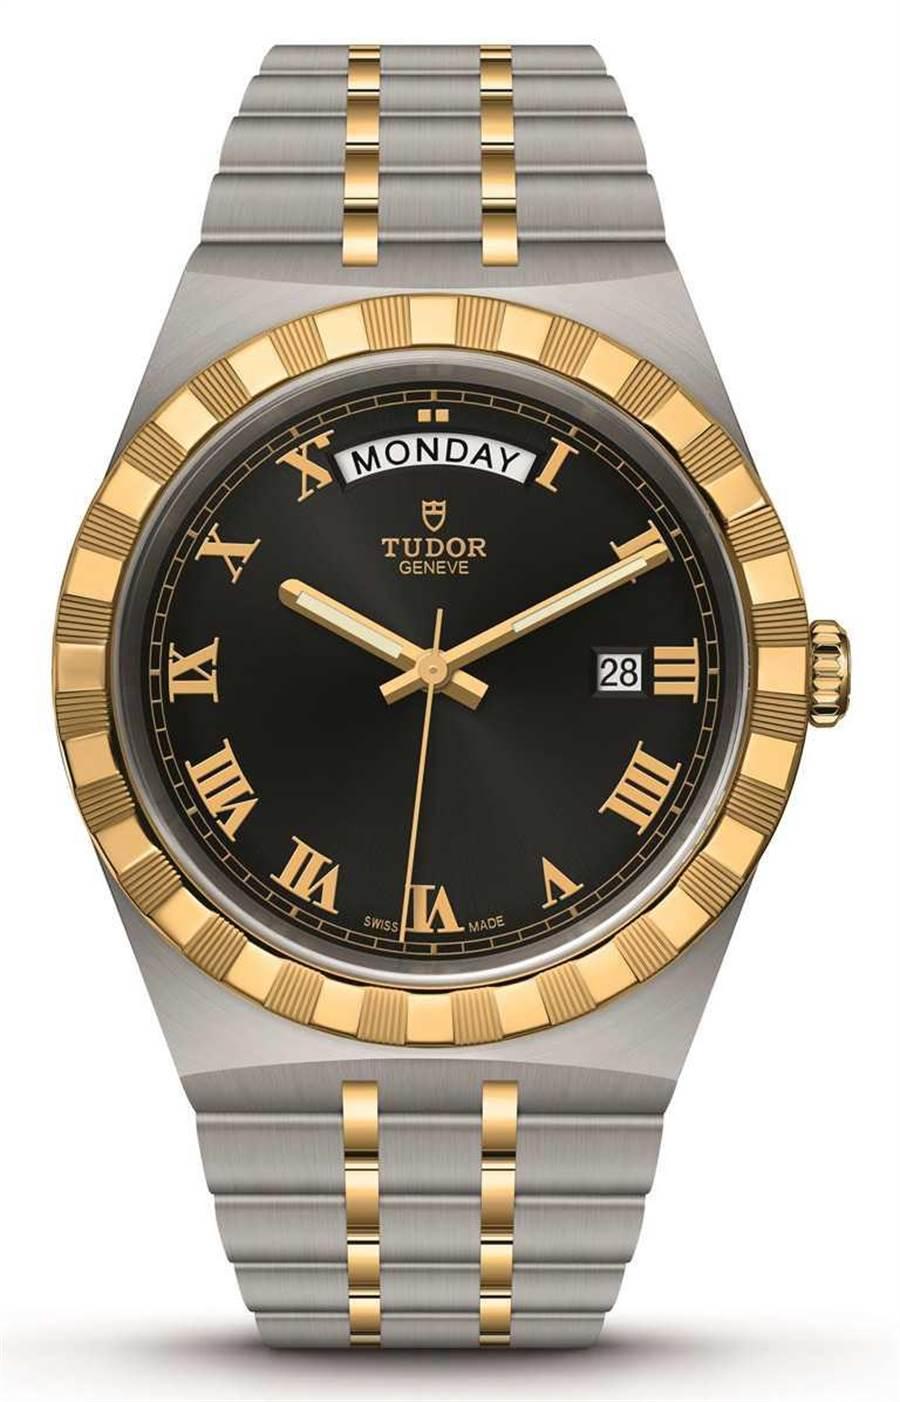 TUDOR「Royal皇家系列」腕表,316L不锈钢表壳,黄金钢表带,41mm╱107,000元。(图╱TUDOR提供)